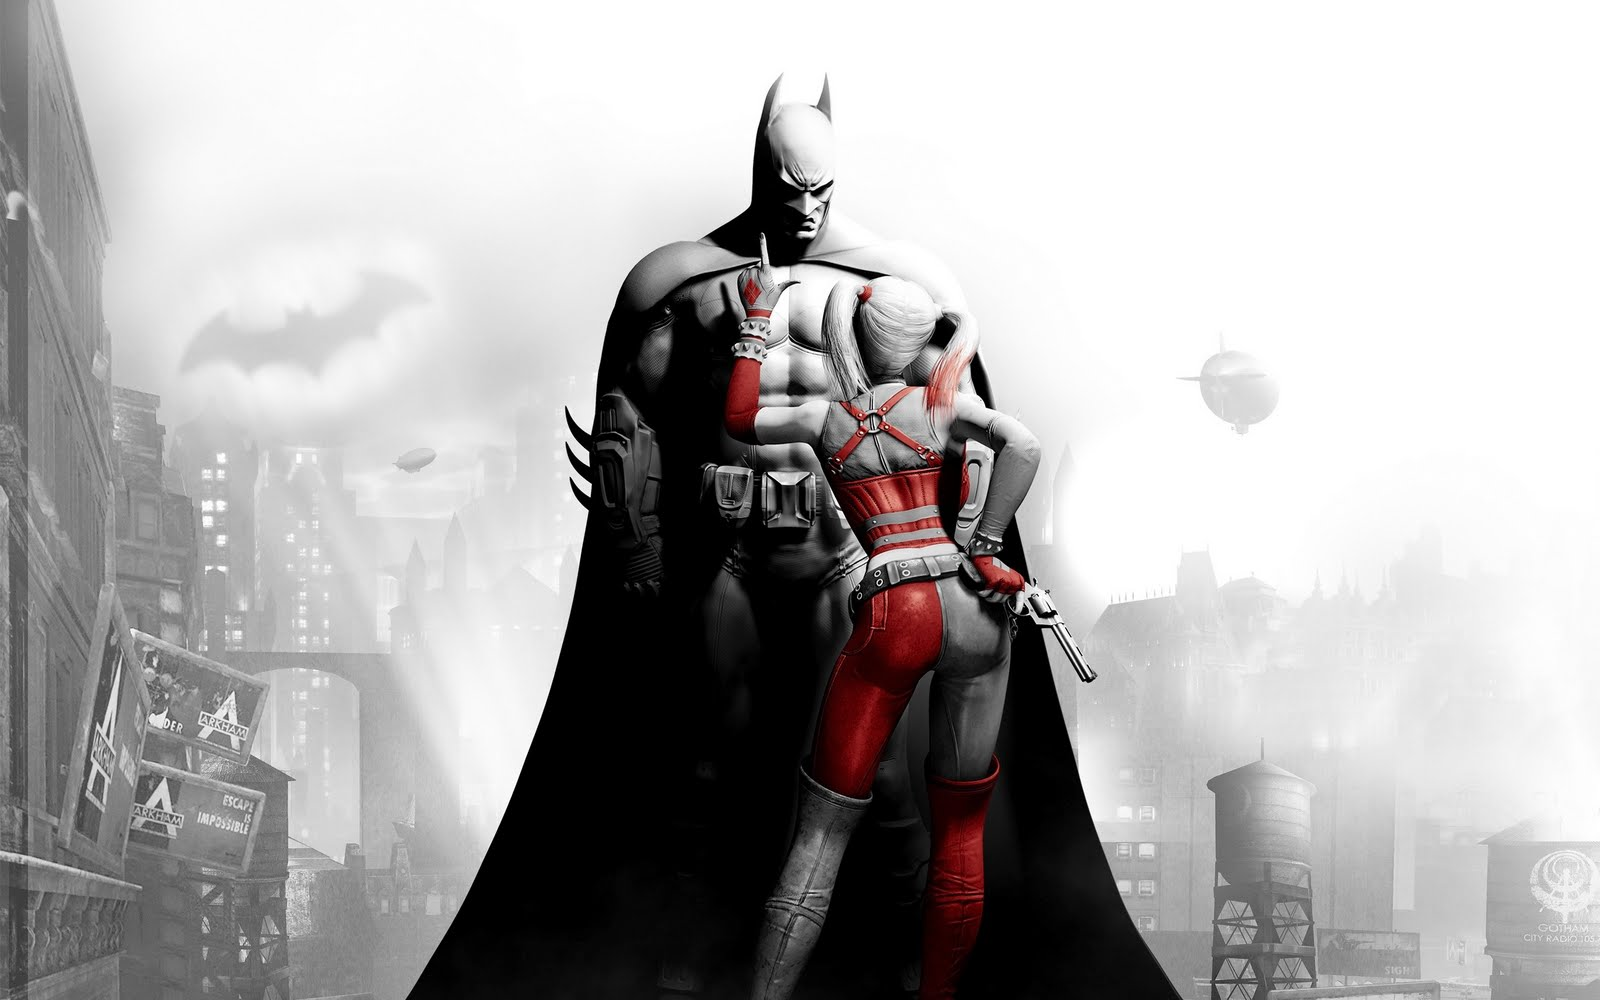 http://3.bp.blogspot.com/-s_cOtoIHmn0/TeLsTpiZejI/AAAAAAAACa0/r6udje3uSds/s1600/batman.jpg